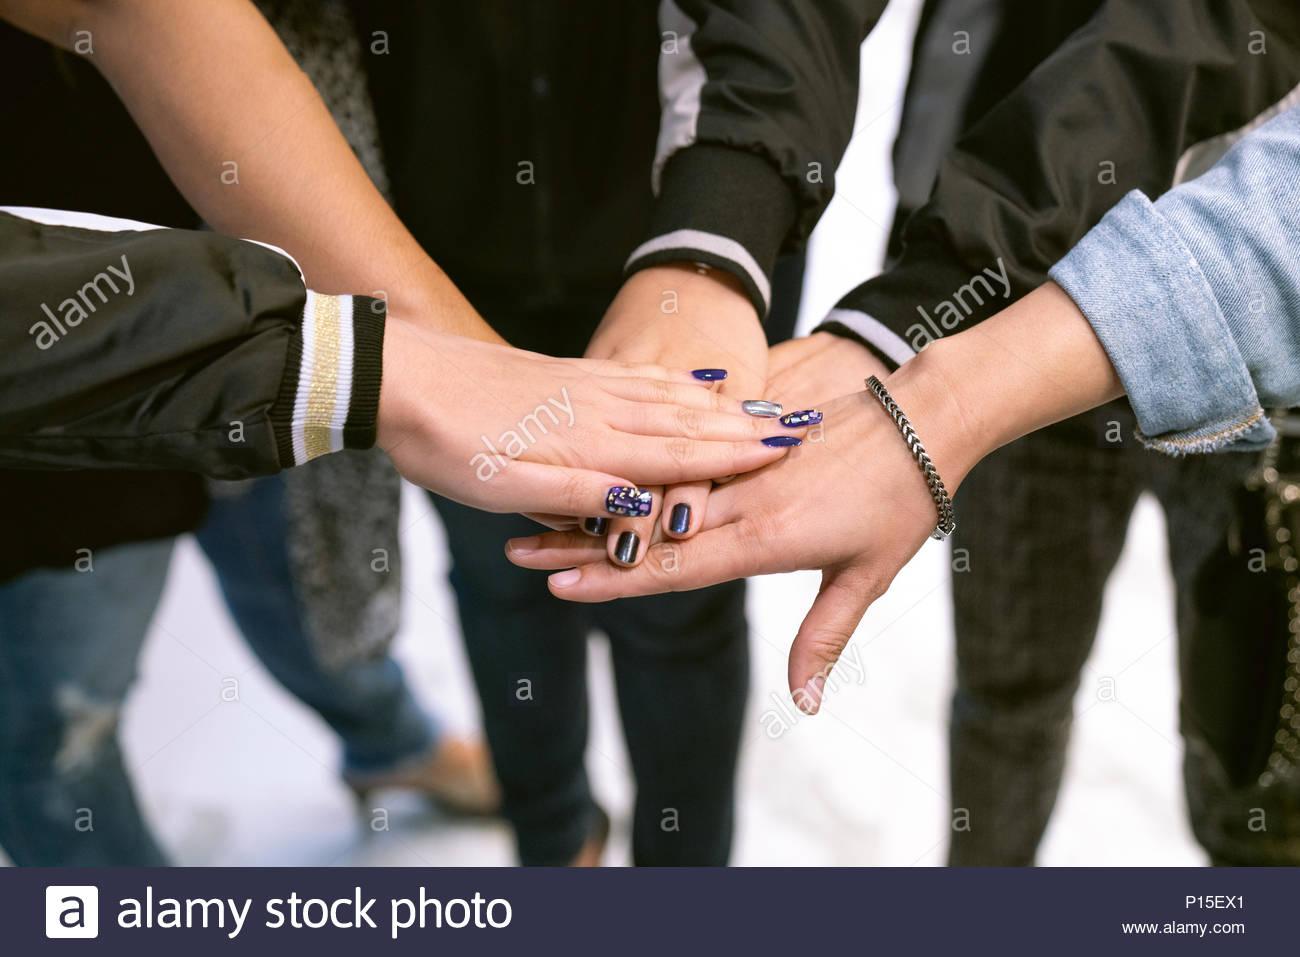 Le persone con le loro mani insieme. team Il concetto di lavoro Immagini Stock